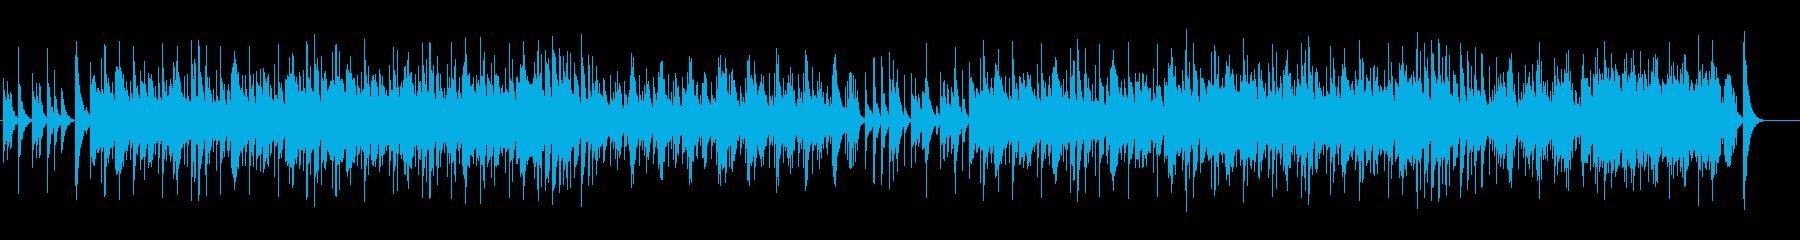 伝統の技で受け継ぐ詫び・寂びのある邦楽曲の再生済みの波形